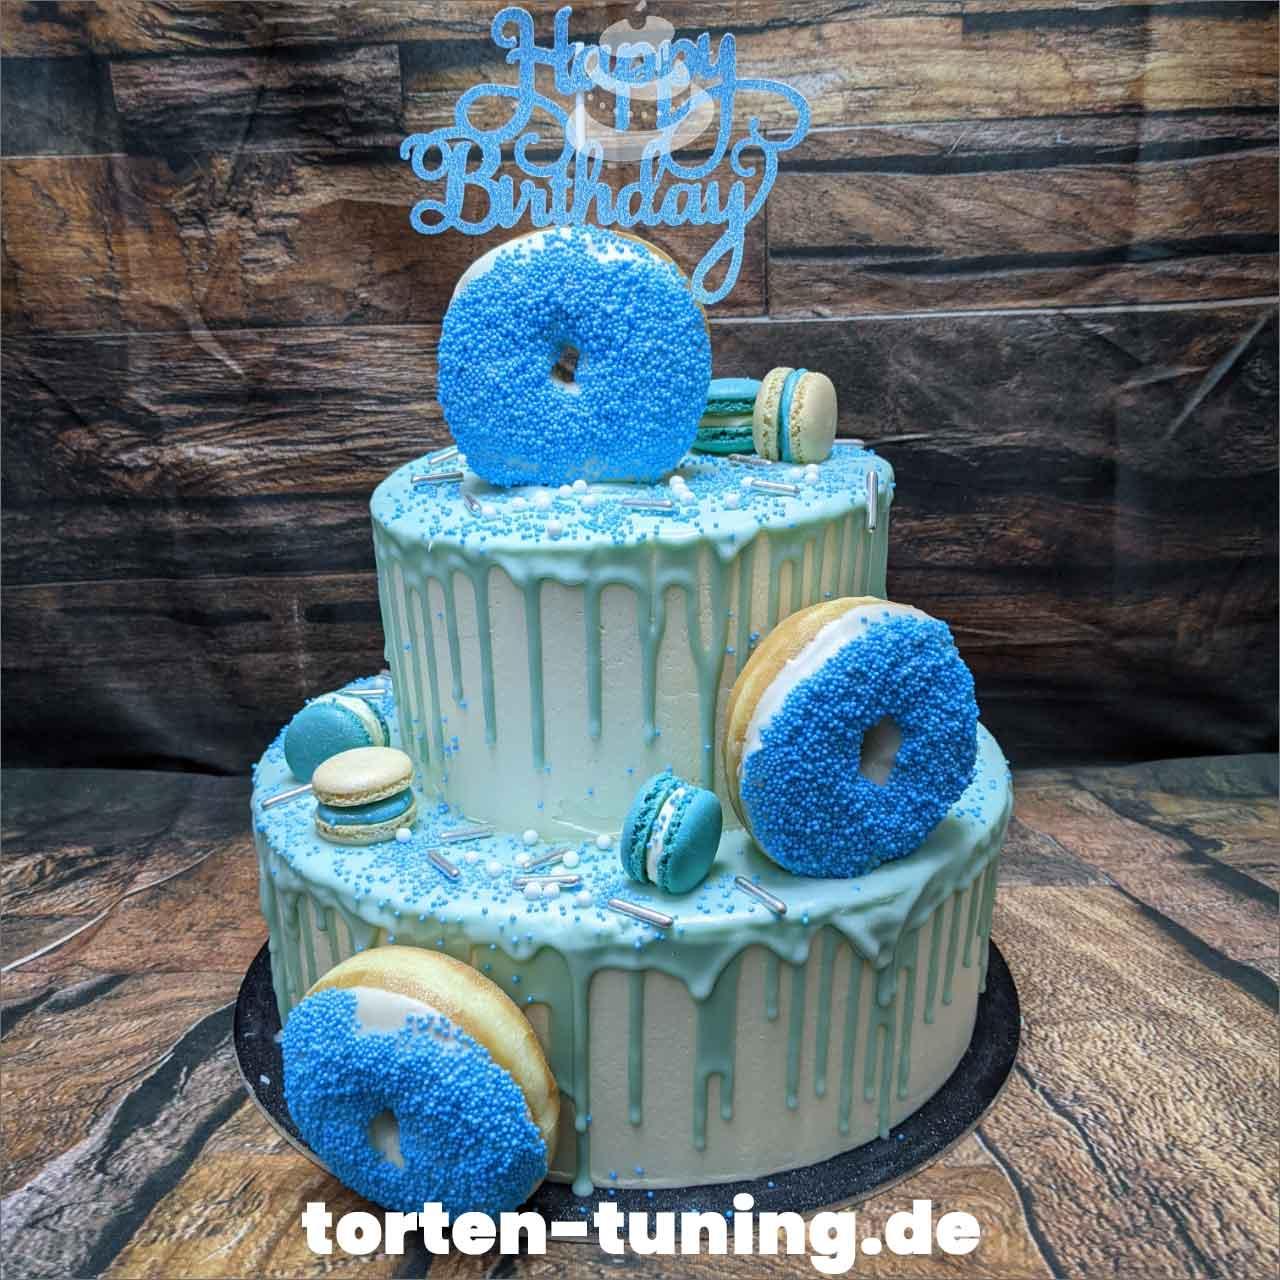 Donut blau Macarons Dripcake Obsttorte Geburtstagstorte Motivtorte Torte Tortendekoration Torte online bestellen Suhl Thüringen Torten Tuning Sahnetorte Tortenfiguren Cake Topper